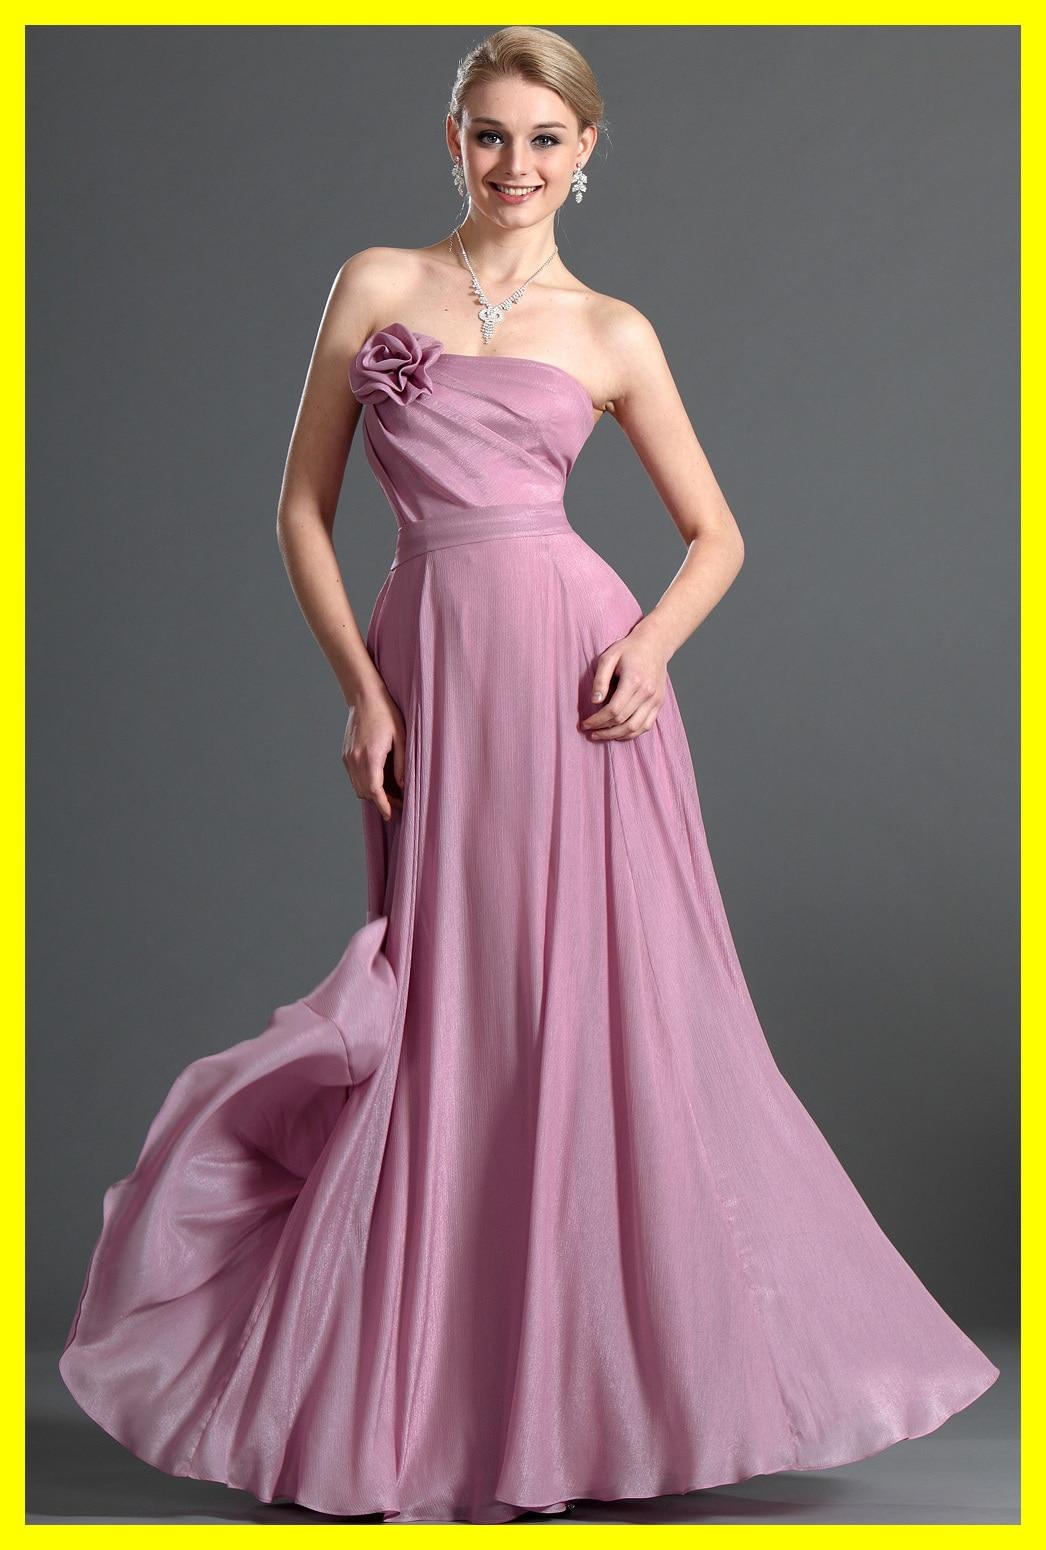 Vistoso Vestidos De Dama De Honor De La Medianoche Azul Reino Unido ...